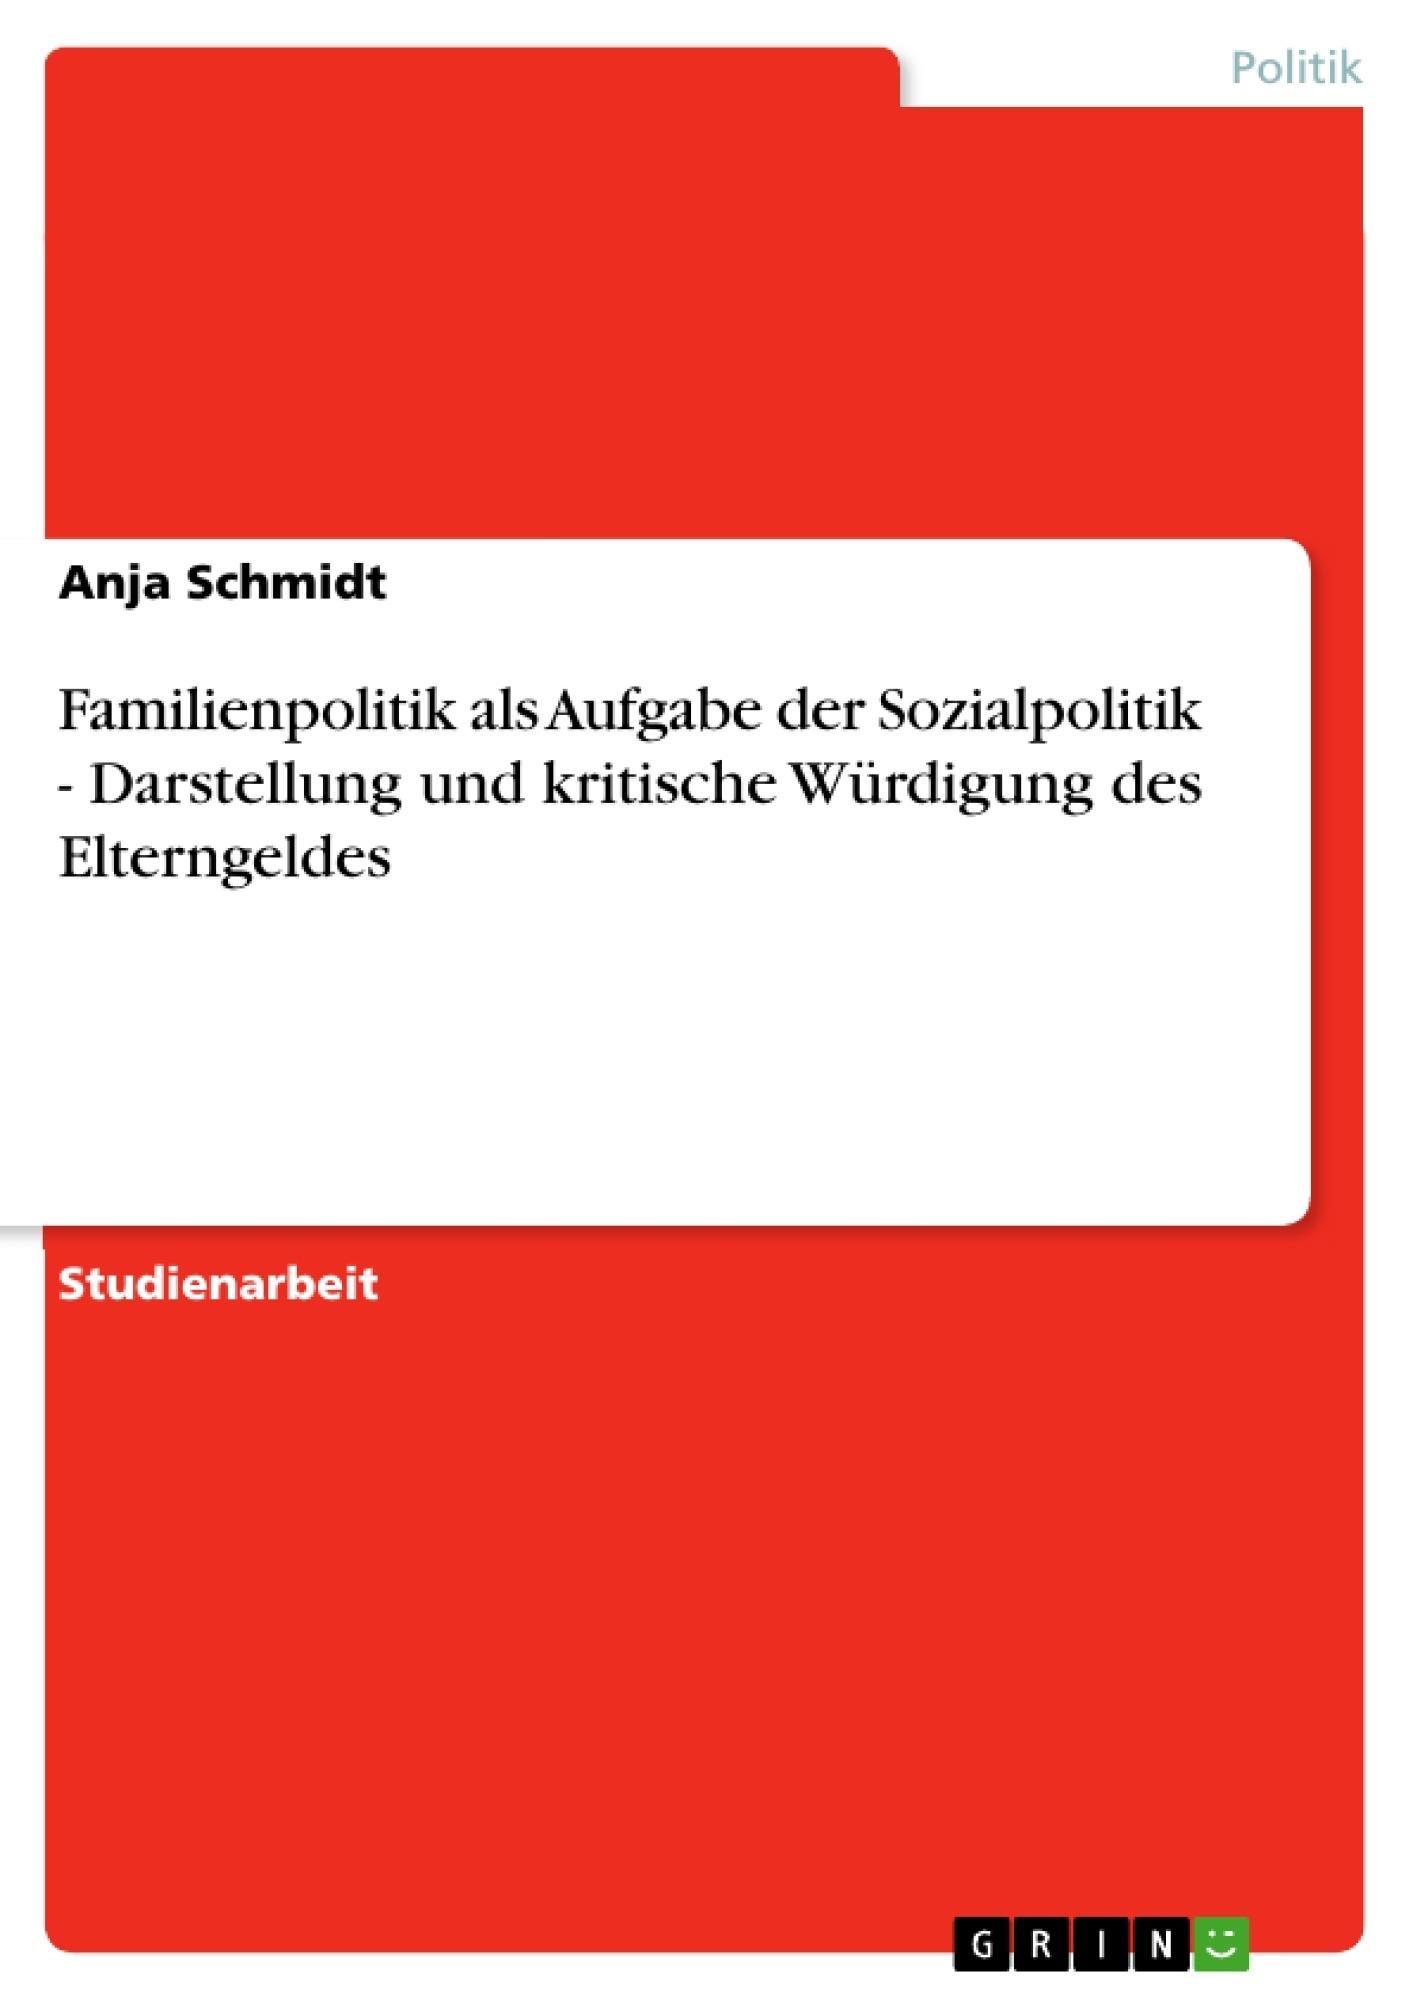 Titel: Familienpolitik als Aufgabe der Sozialpolitik - Darstellung und kritische Würdigung des Elterngeldes